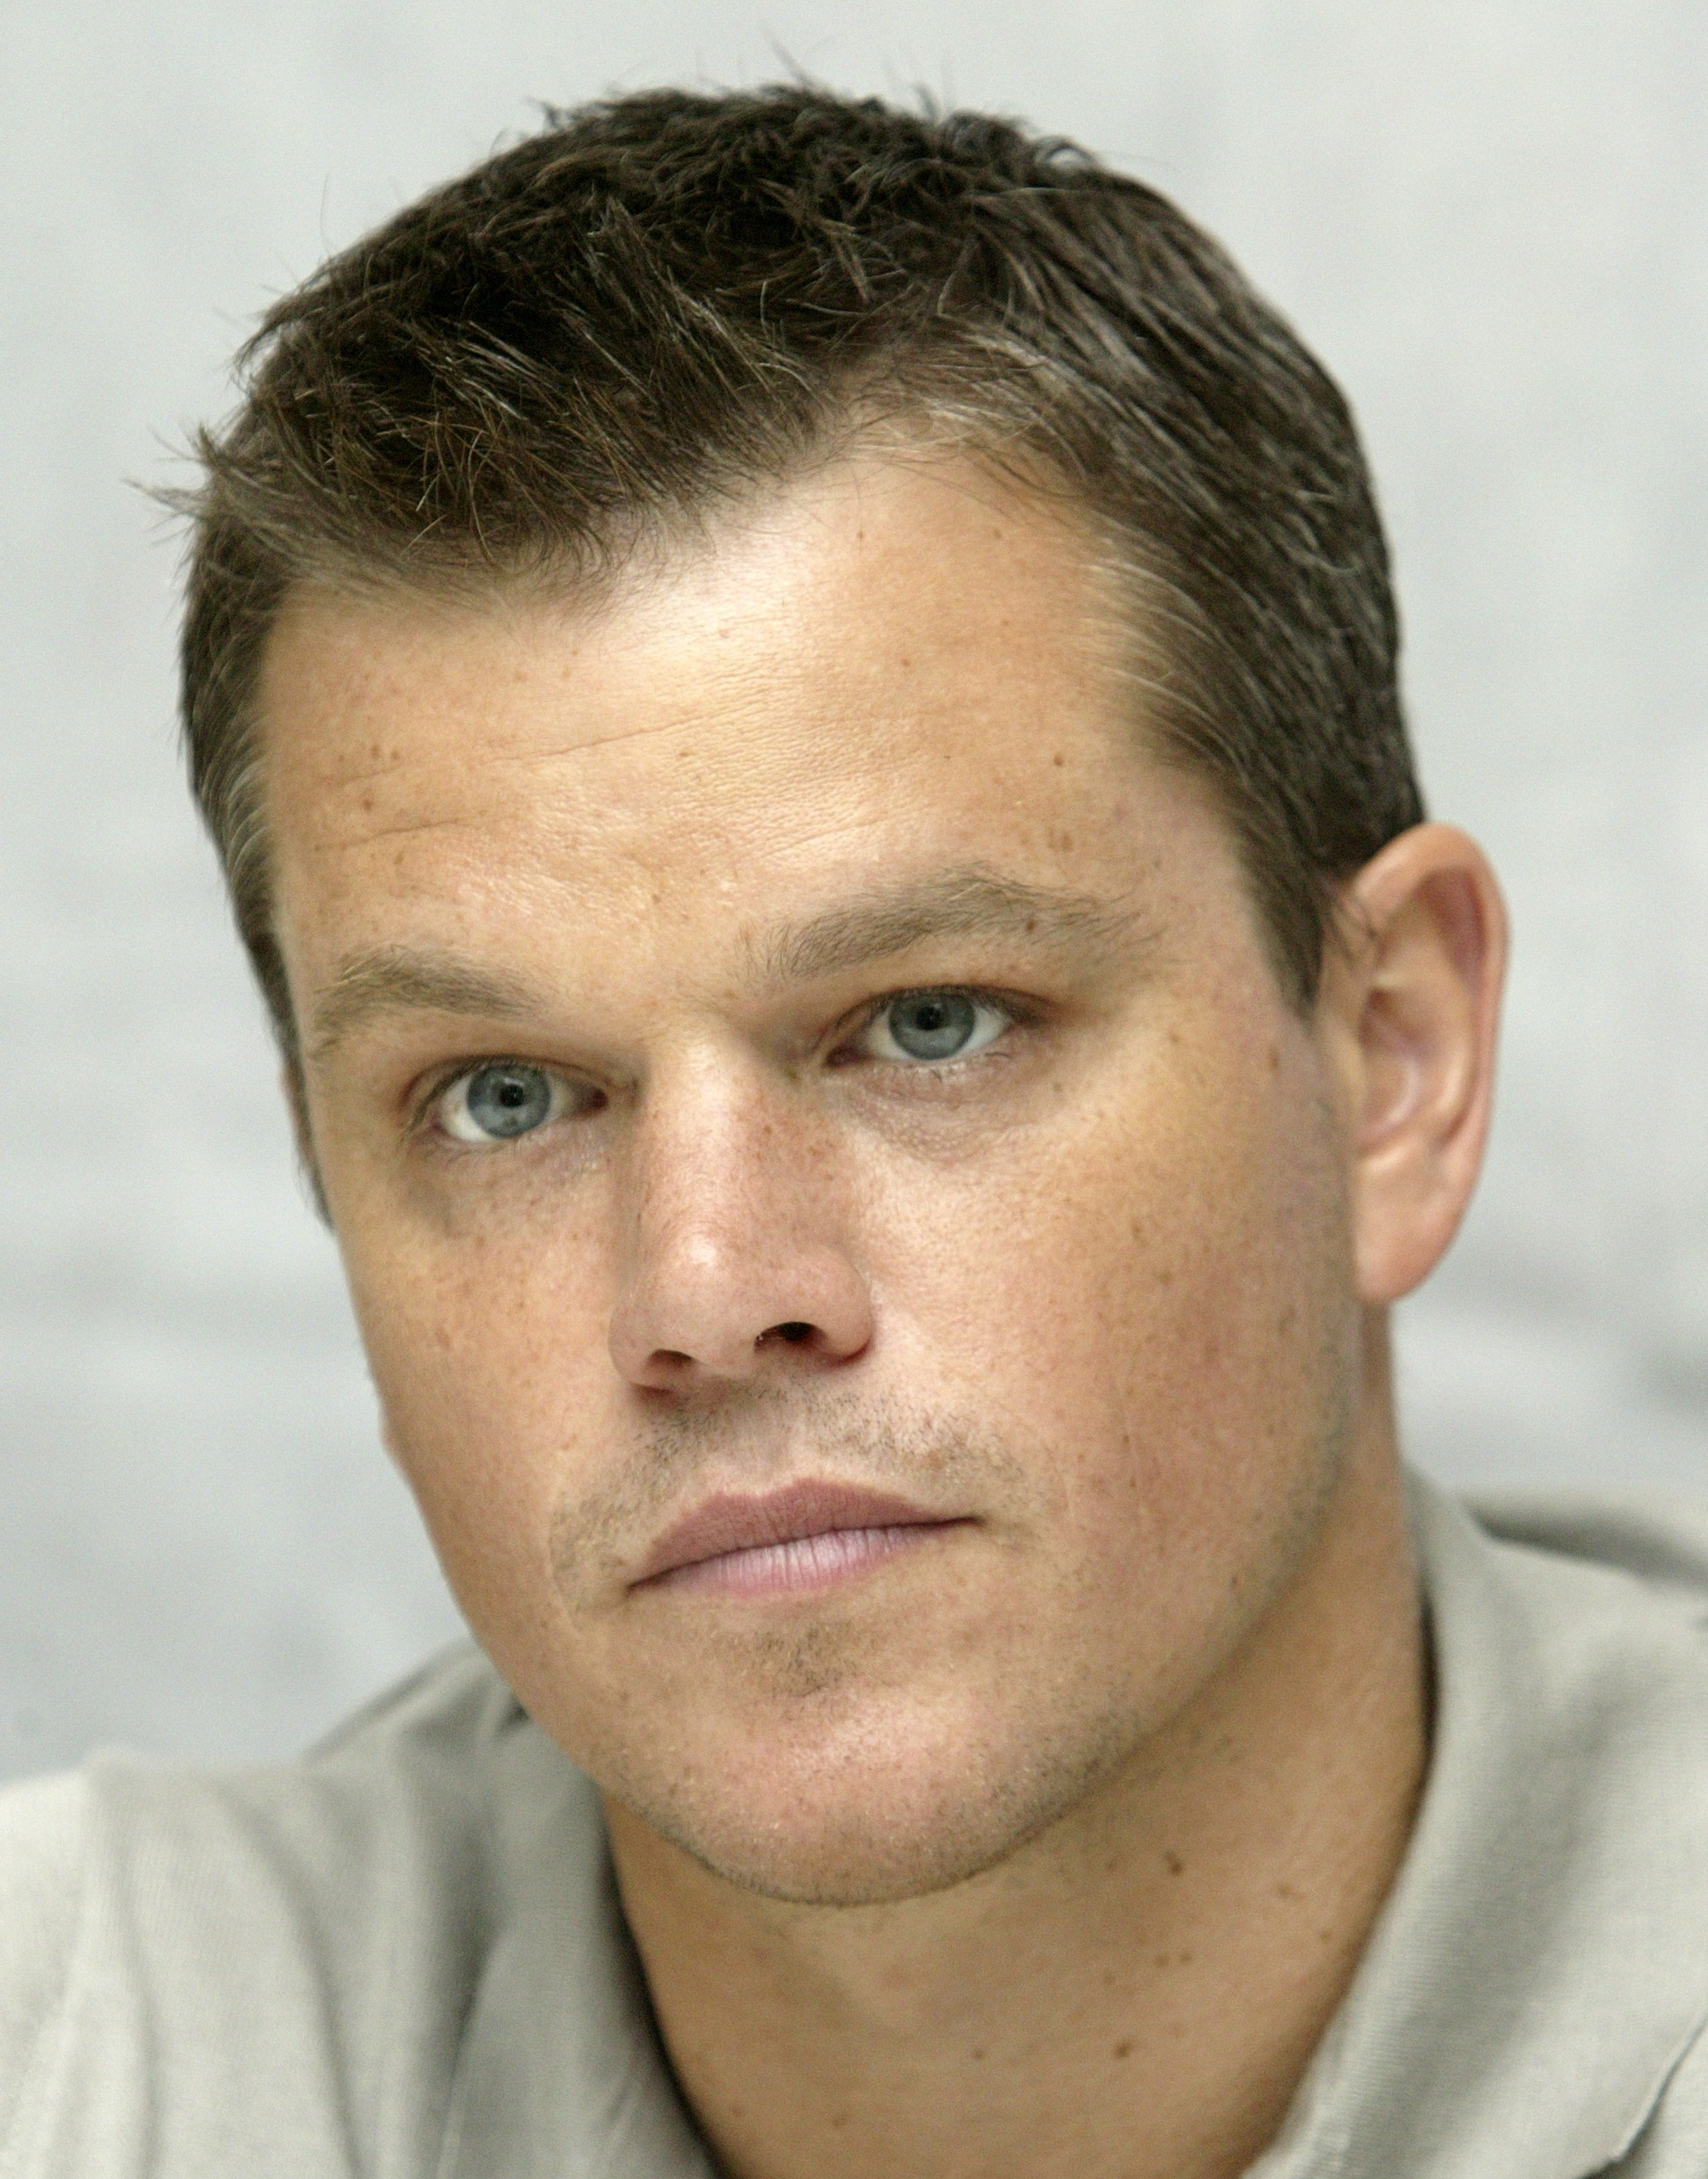 Matt Damon photo 34 of... Matt Damon Jimmy Kimmel